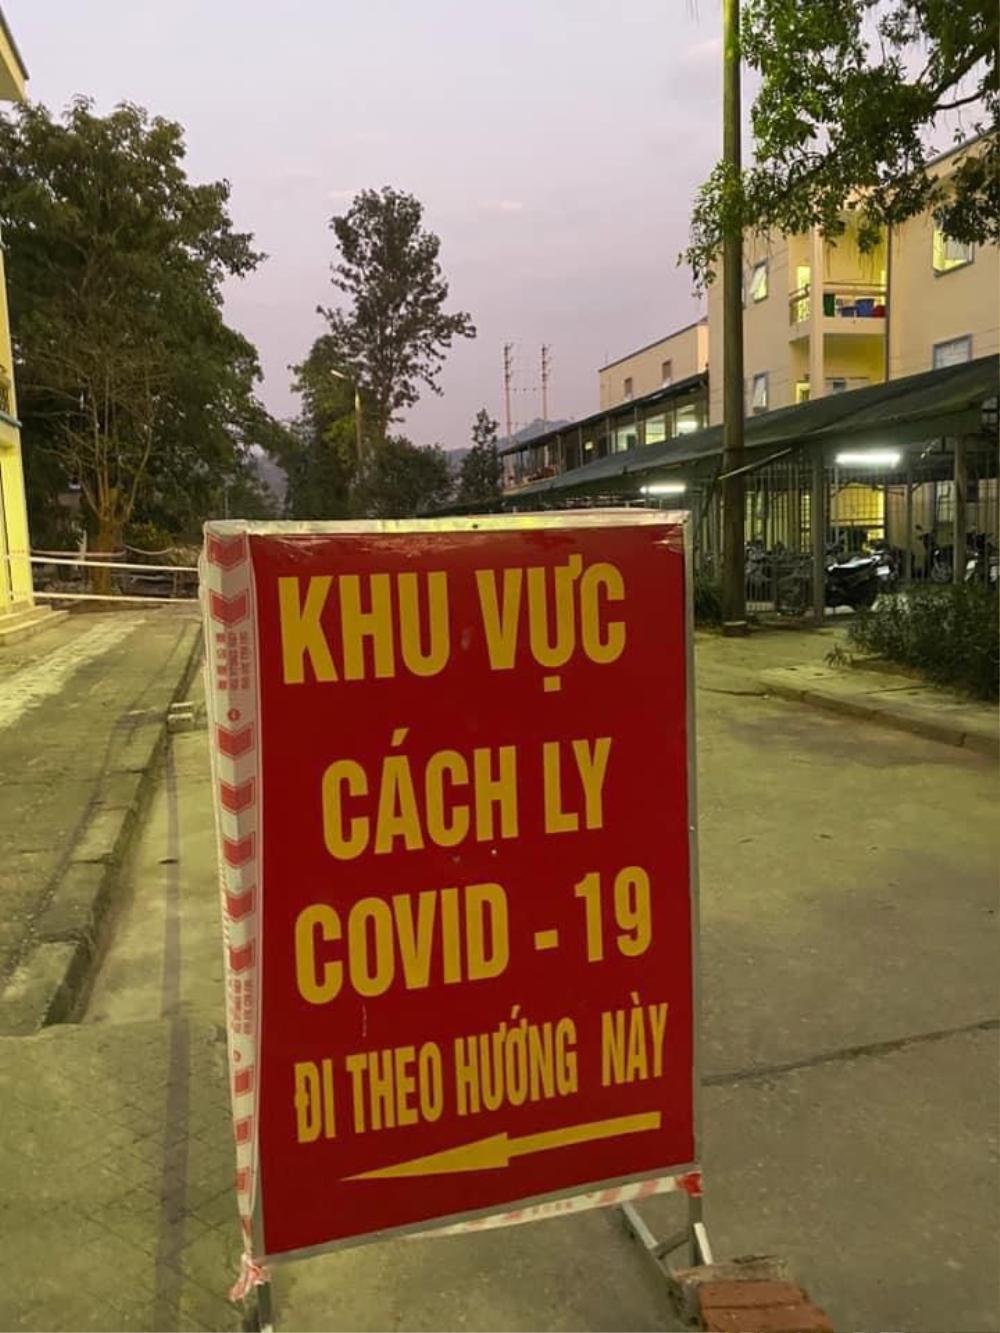 Bệnh viện Bạch Mai khẩn cấp hỗ trợ tỉnh Điện Biên chống dịch COVID-19 Ảnh 3